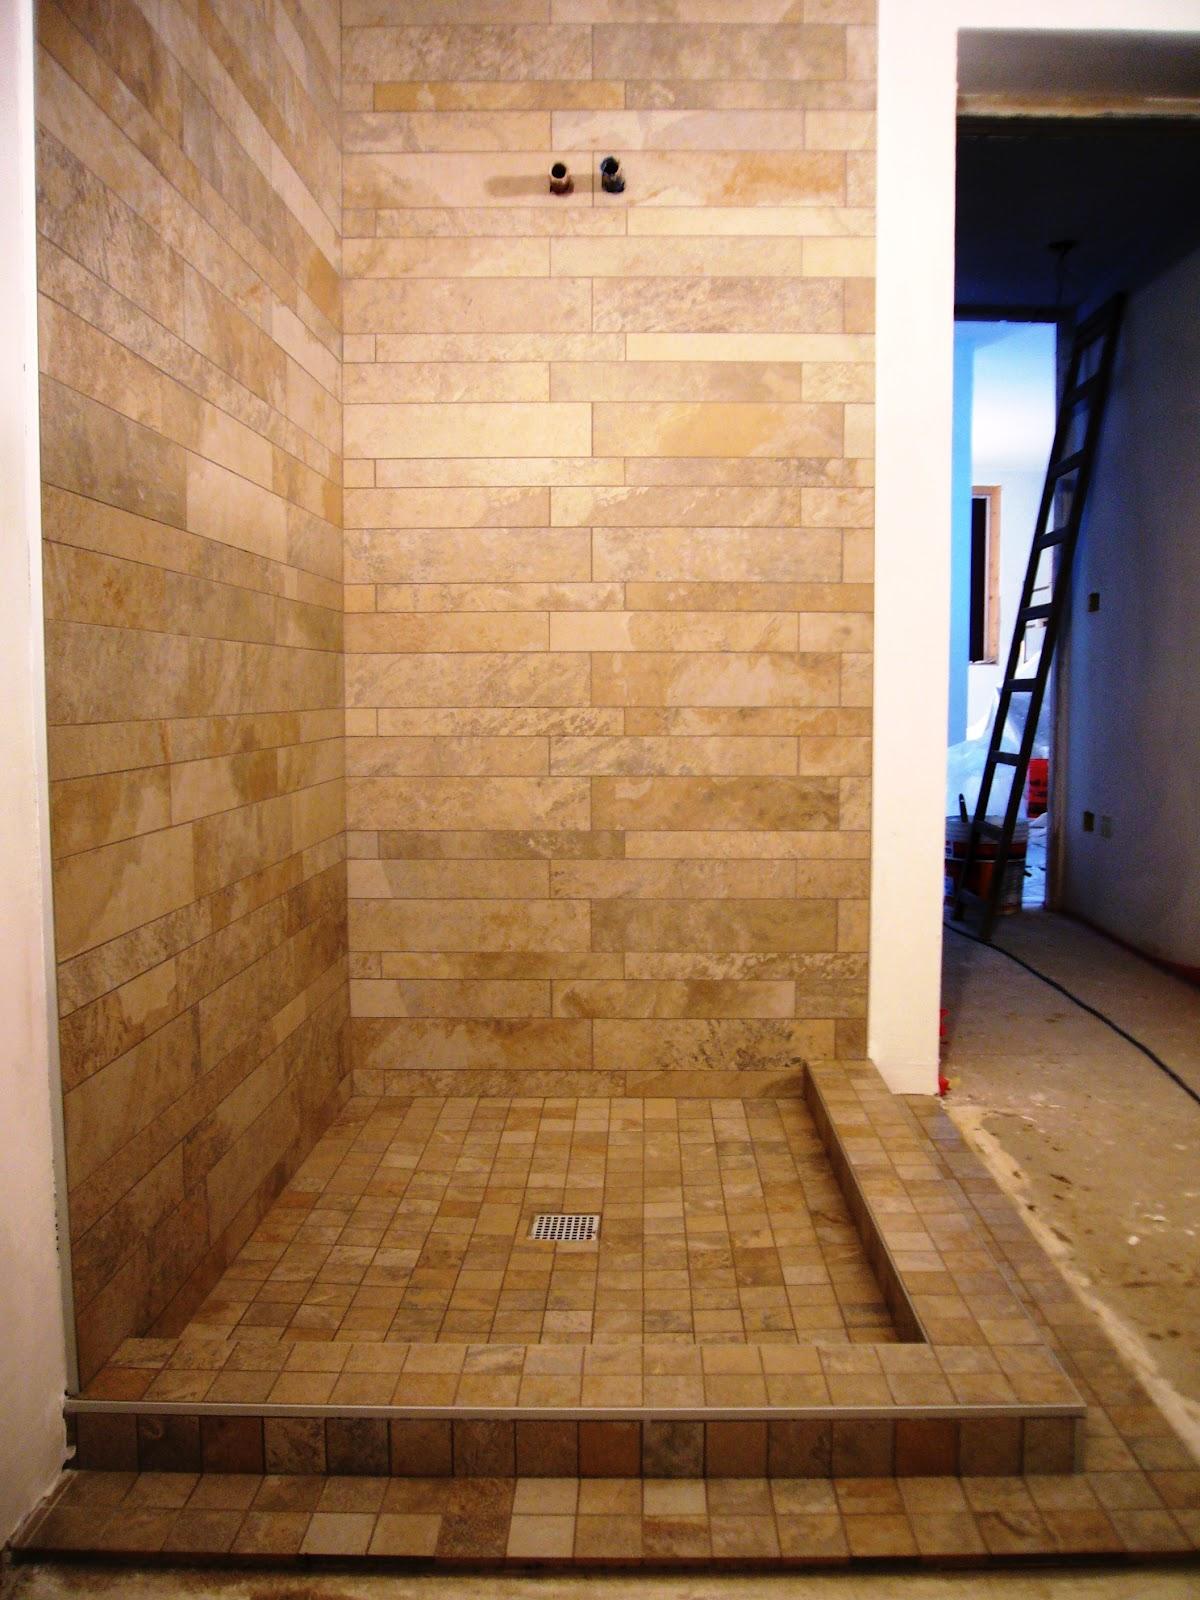 Piatto doccia mosaico come pulire piatto doccia mosaico - Pulire fughe piastrelle da olio ...